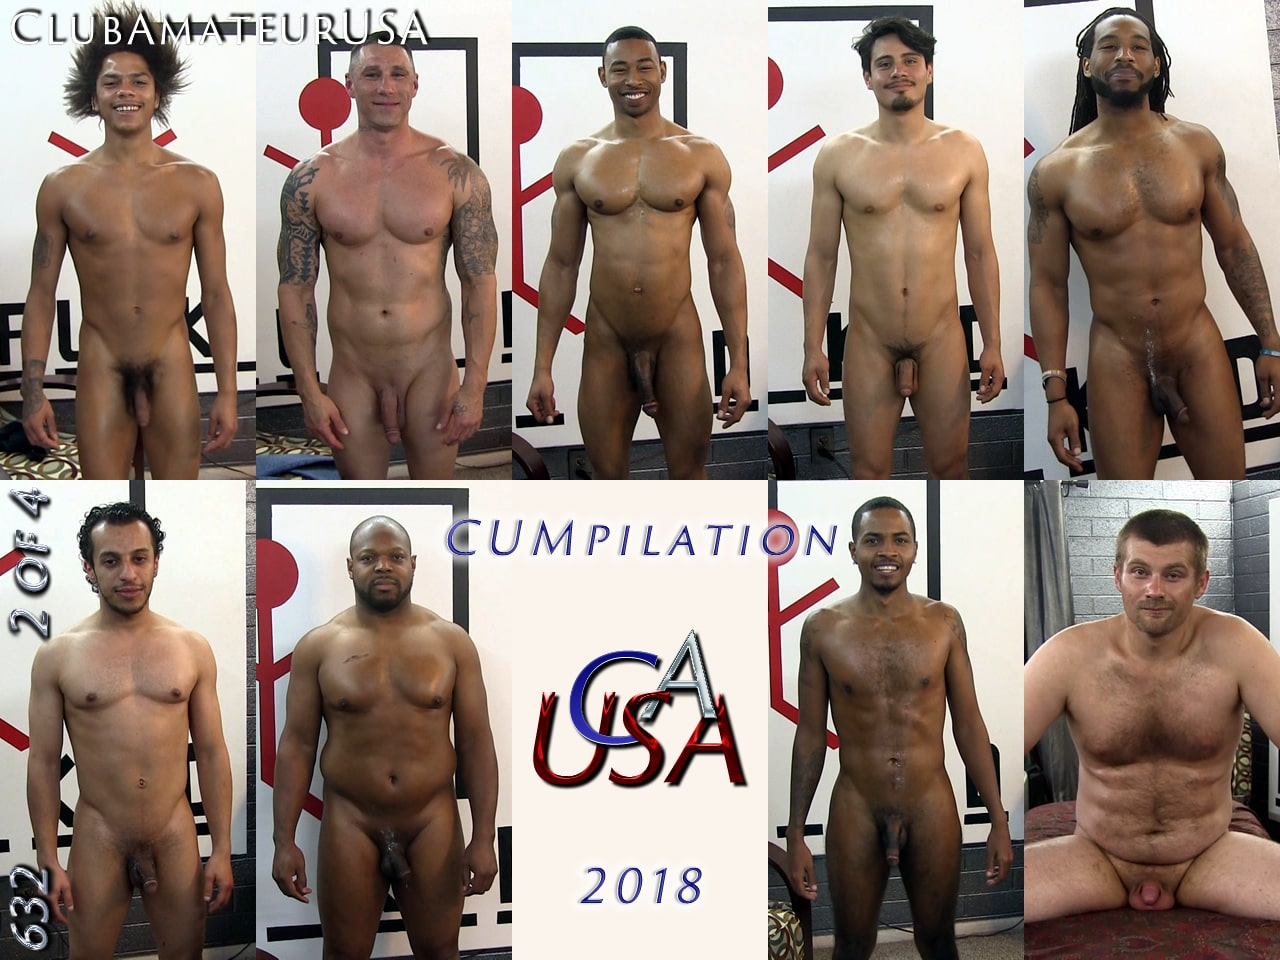 CUMpilation 2018 - 2 of 4 - ClubAmateurUSA Youg girls out door fanny porn pics